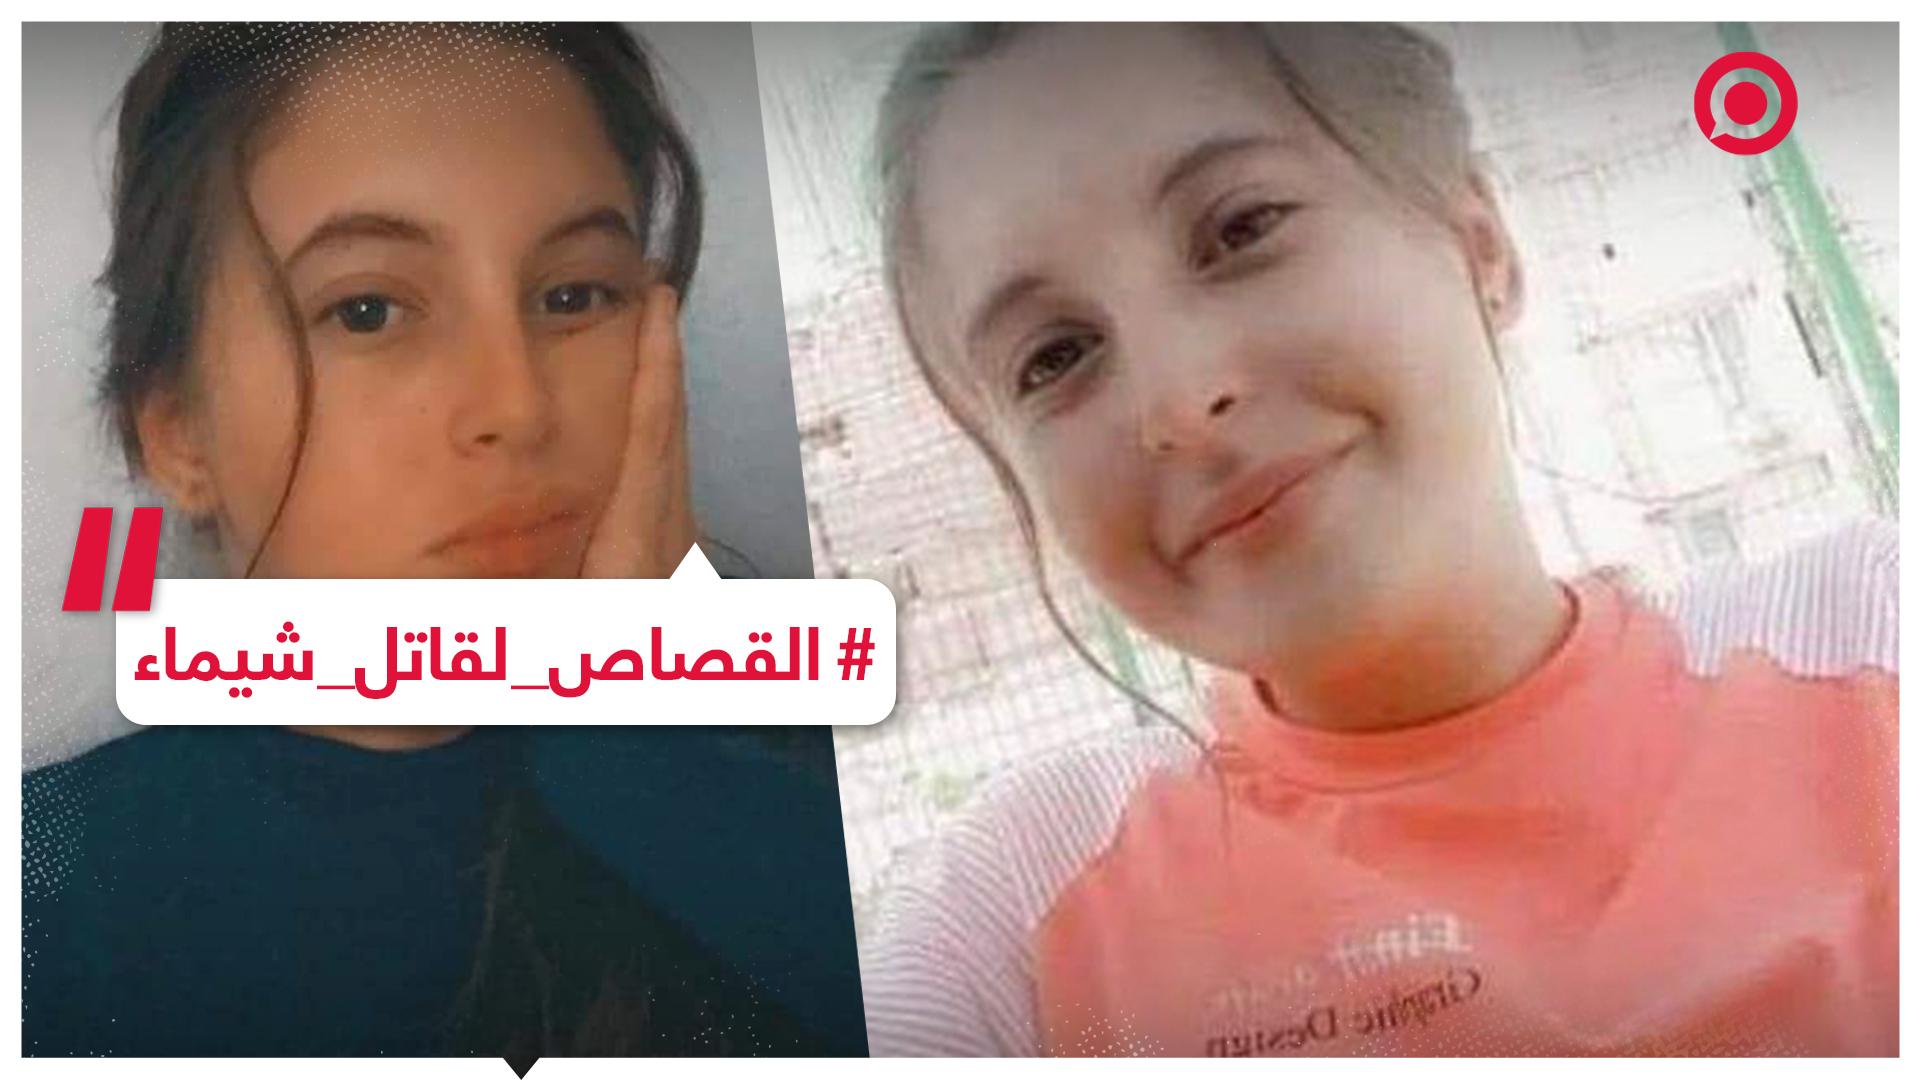 قصة الشابة الجزائرية شيماء تشعل ساحات مواقع التواصل الاجتماعي